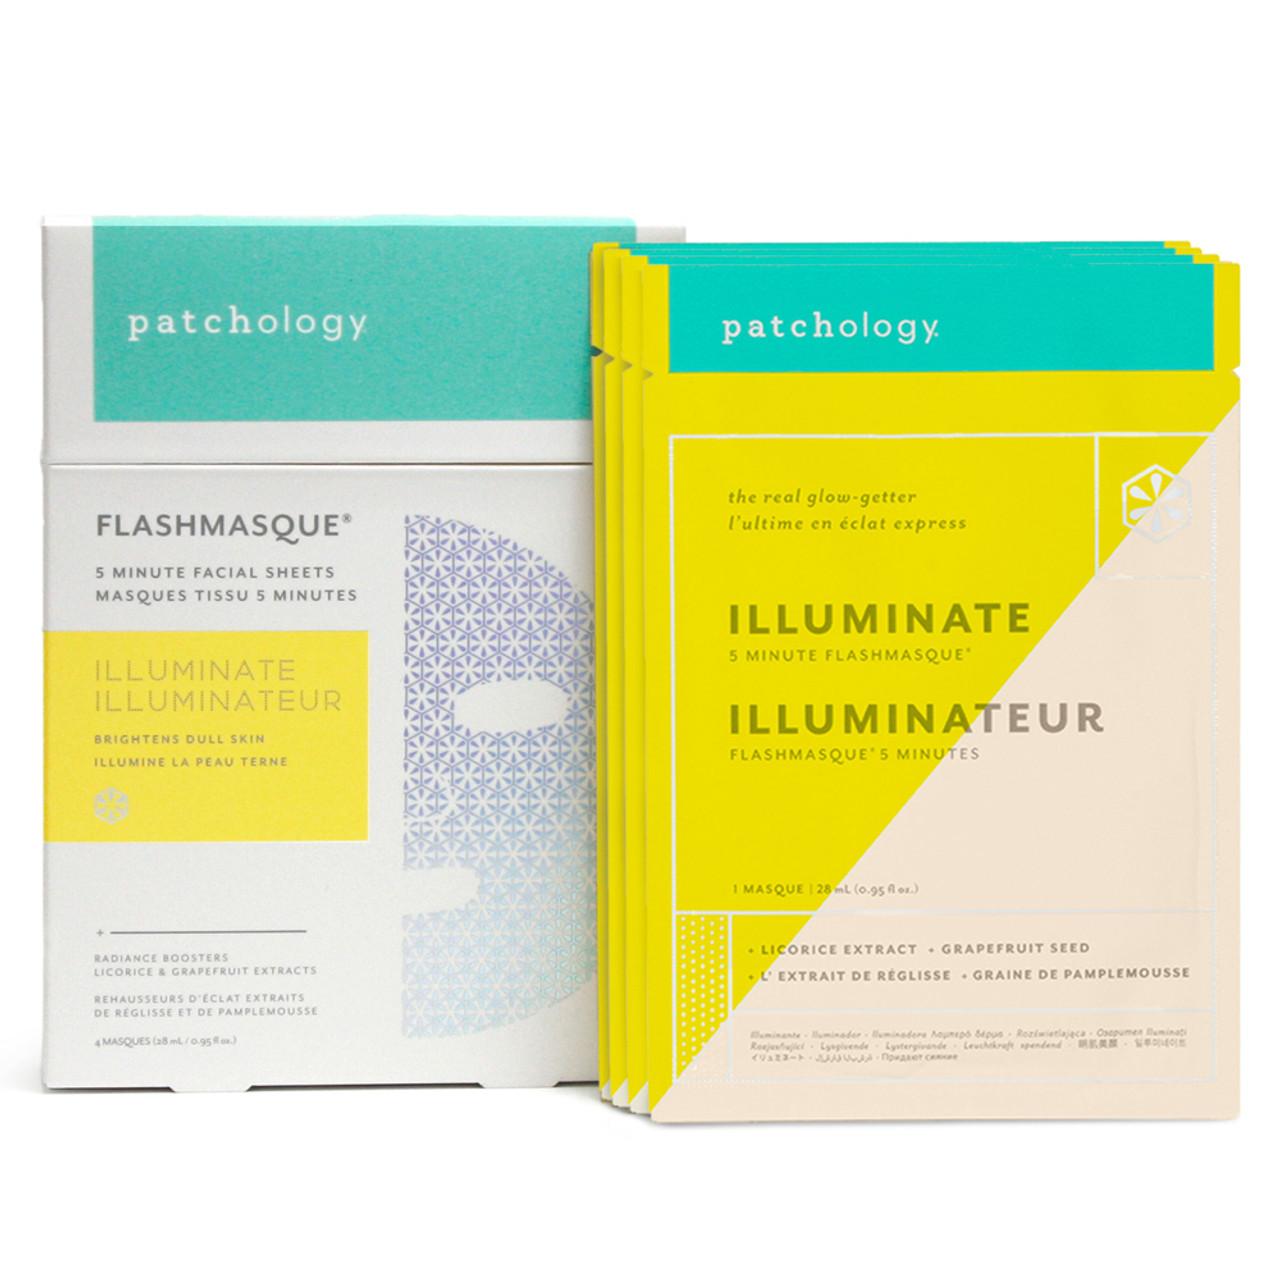 Patchology FlashMasque Illuminate (4-Pk)